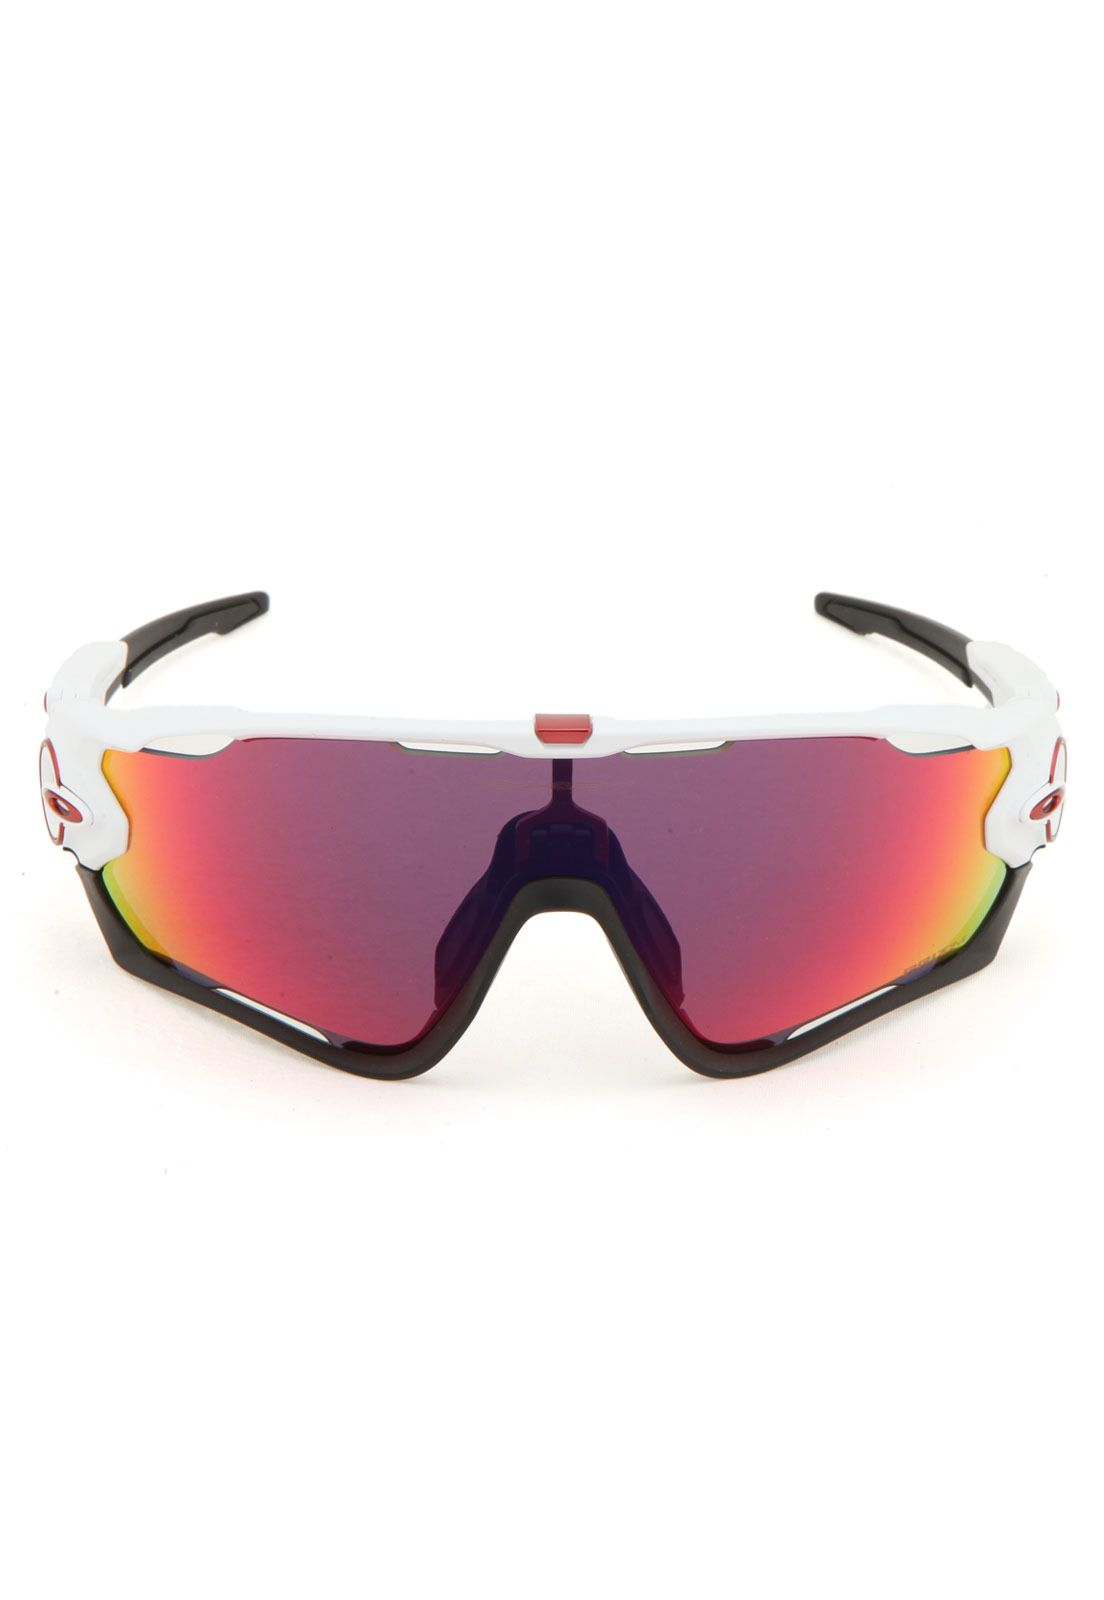 Óculos de Sol Oakley Jawbreaker Branco Preto Vermelho   Products ... 4cfdc0cada